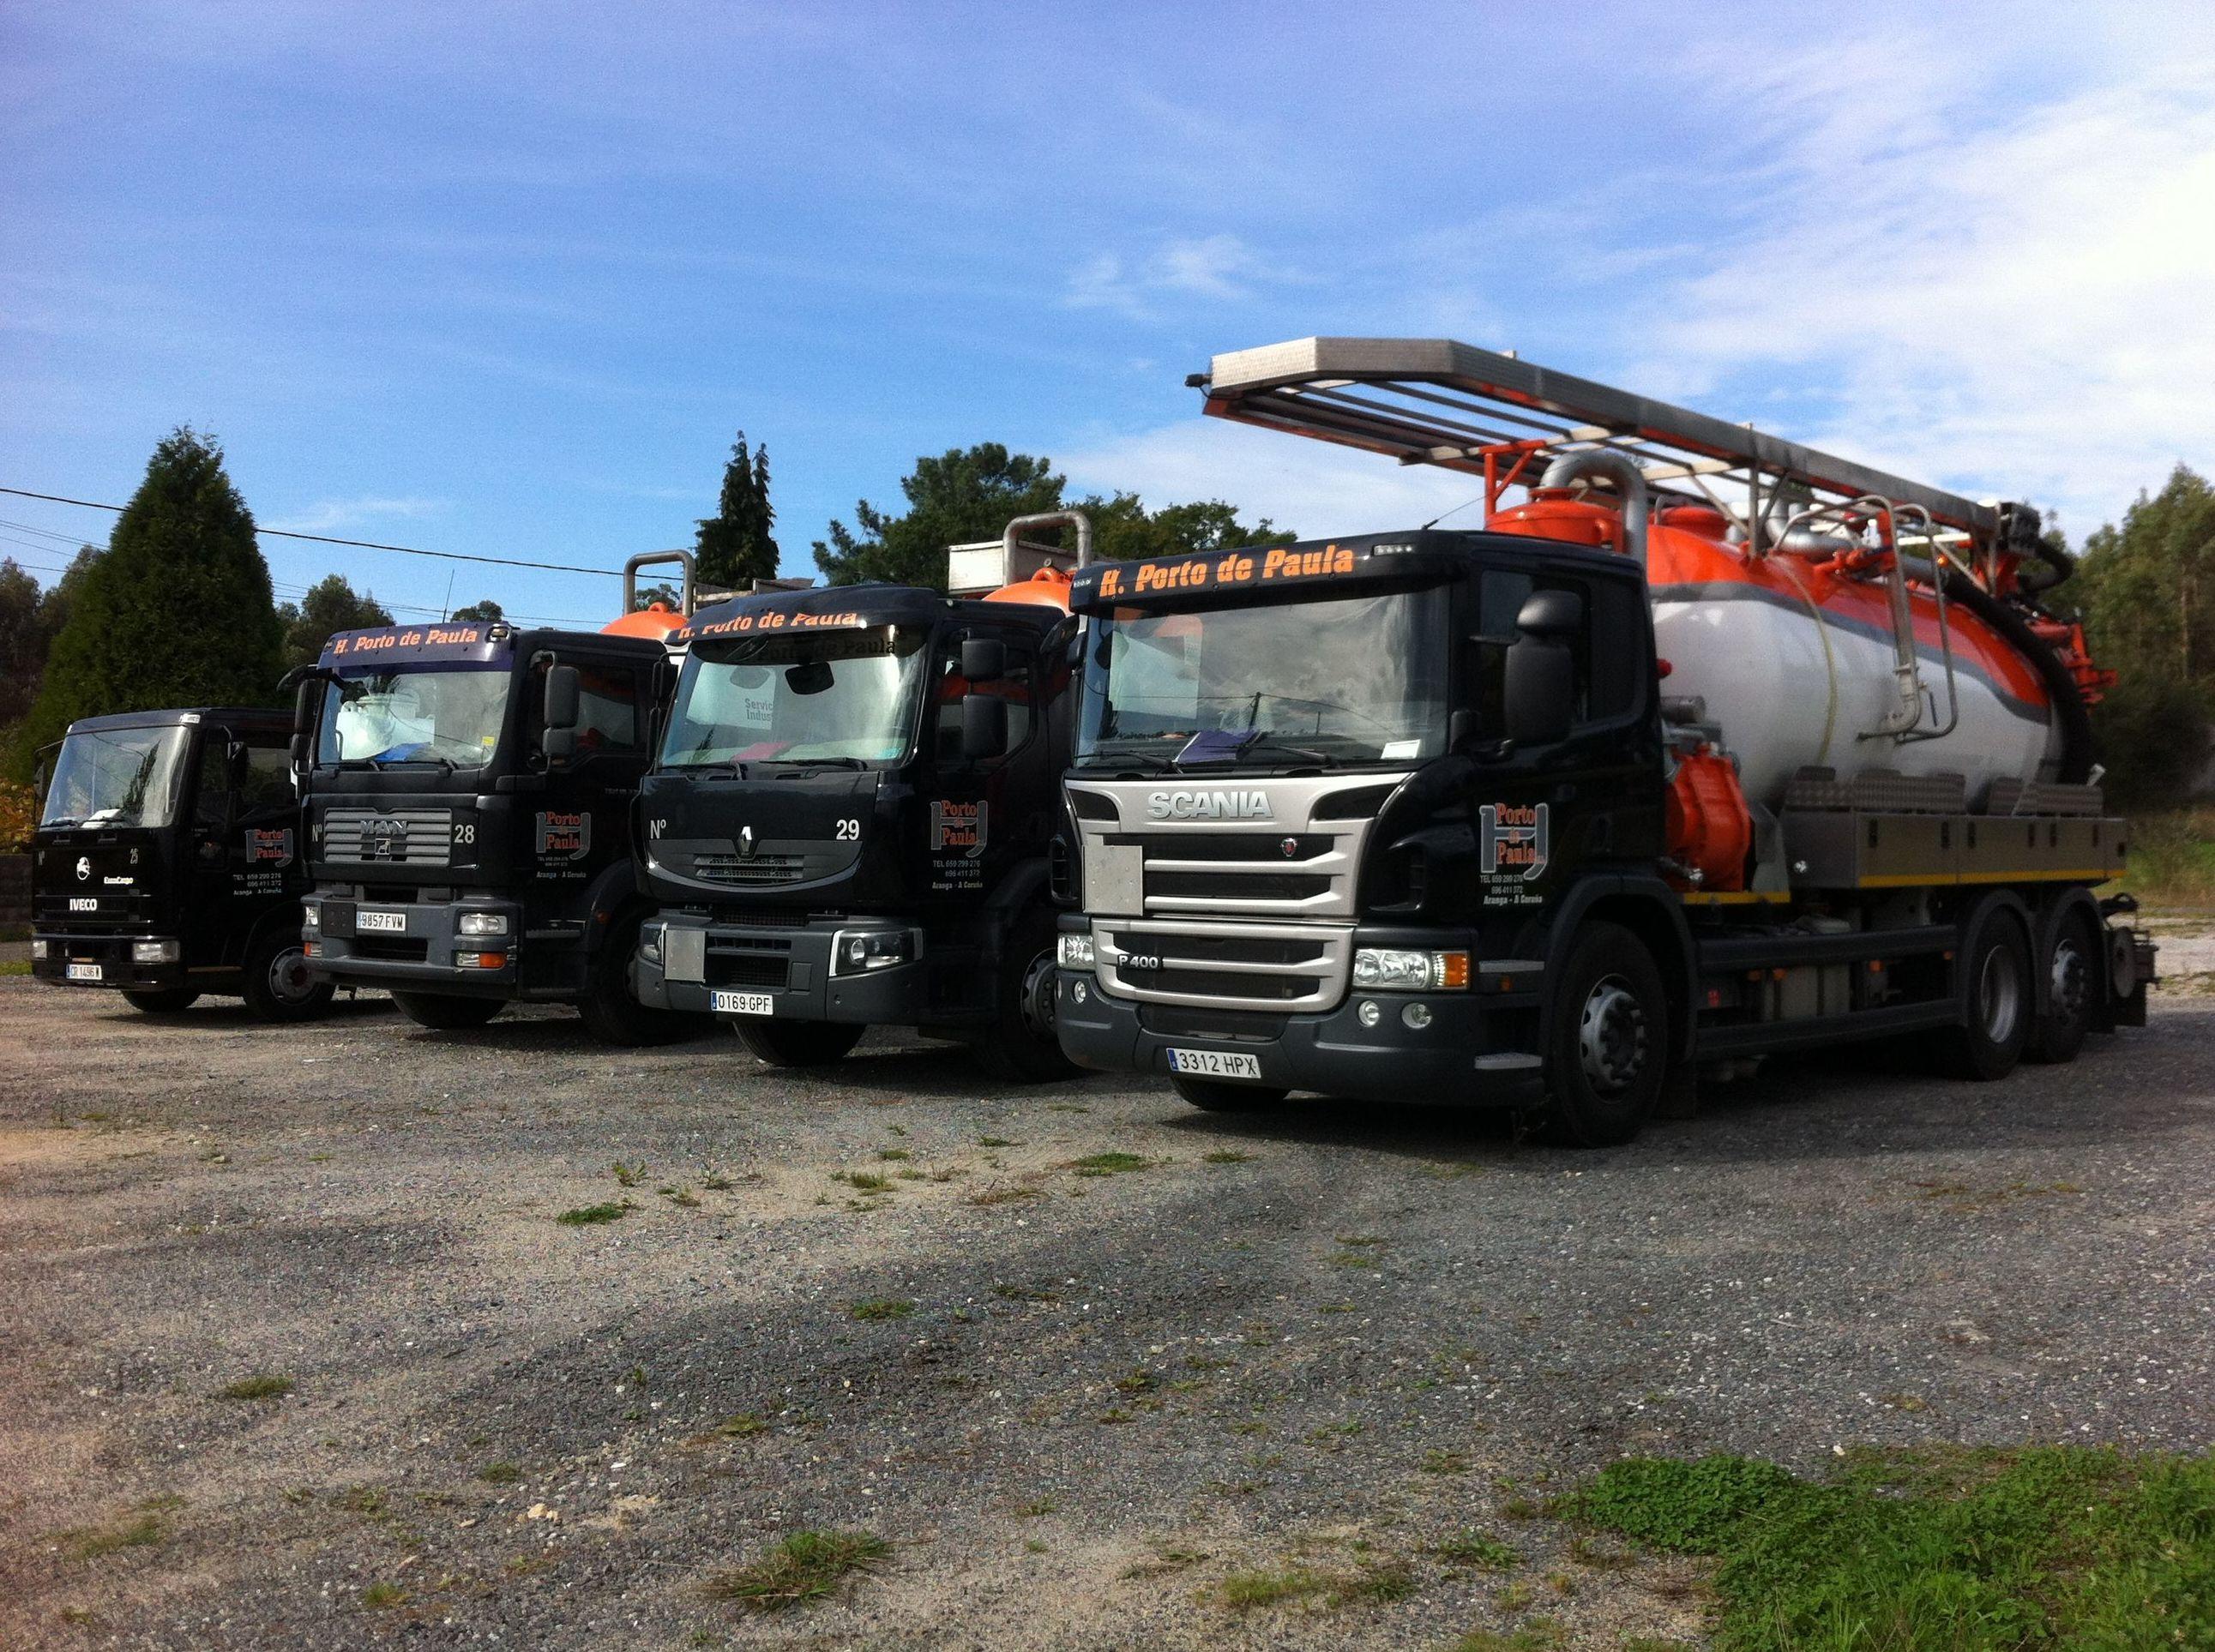 Foto 18 de Limpiezas industriales en Aranga | Hermanos Porto de Paula